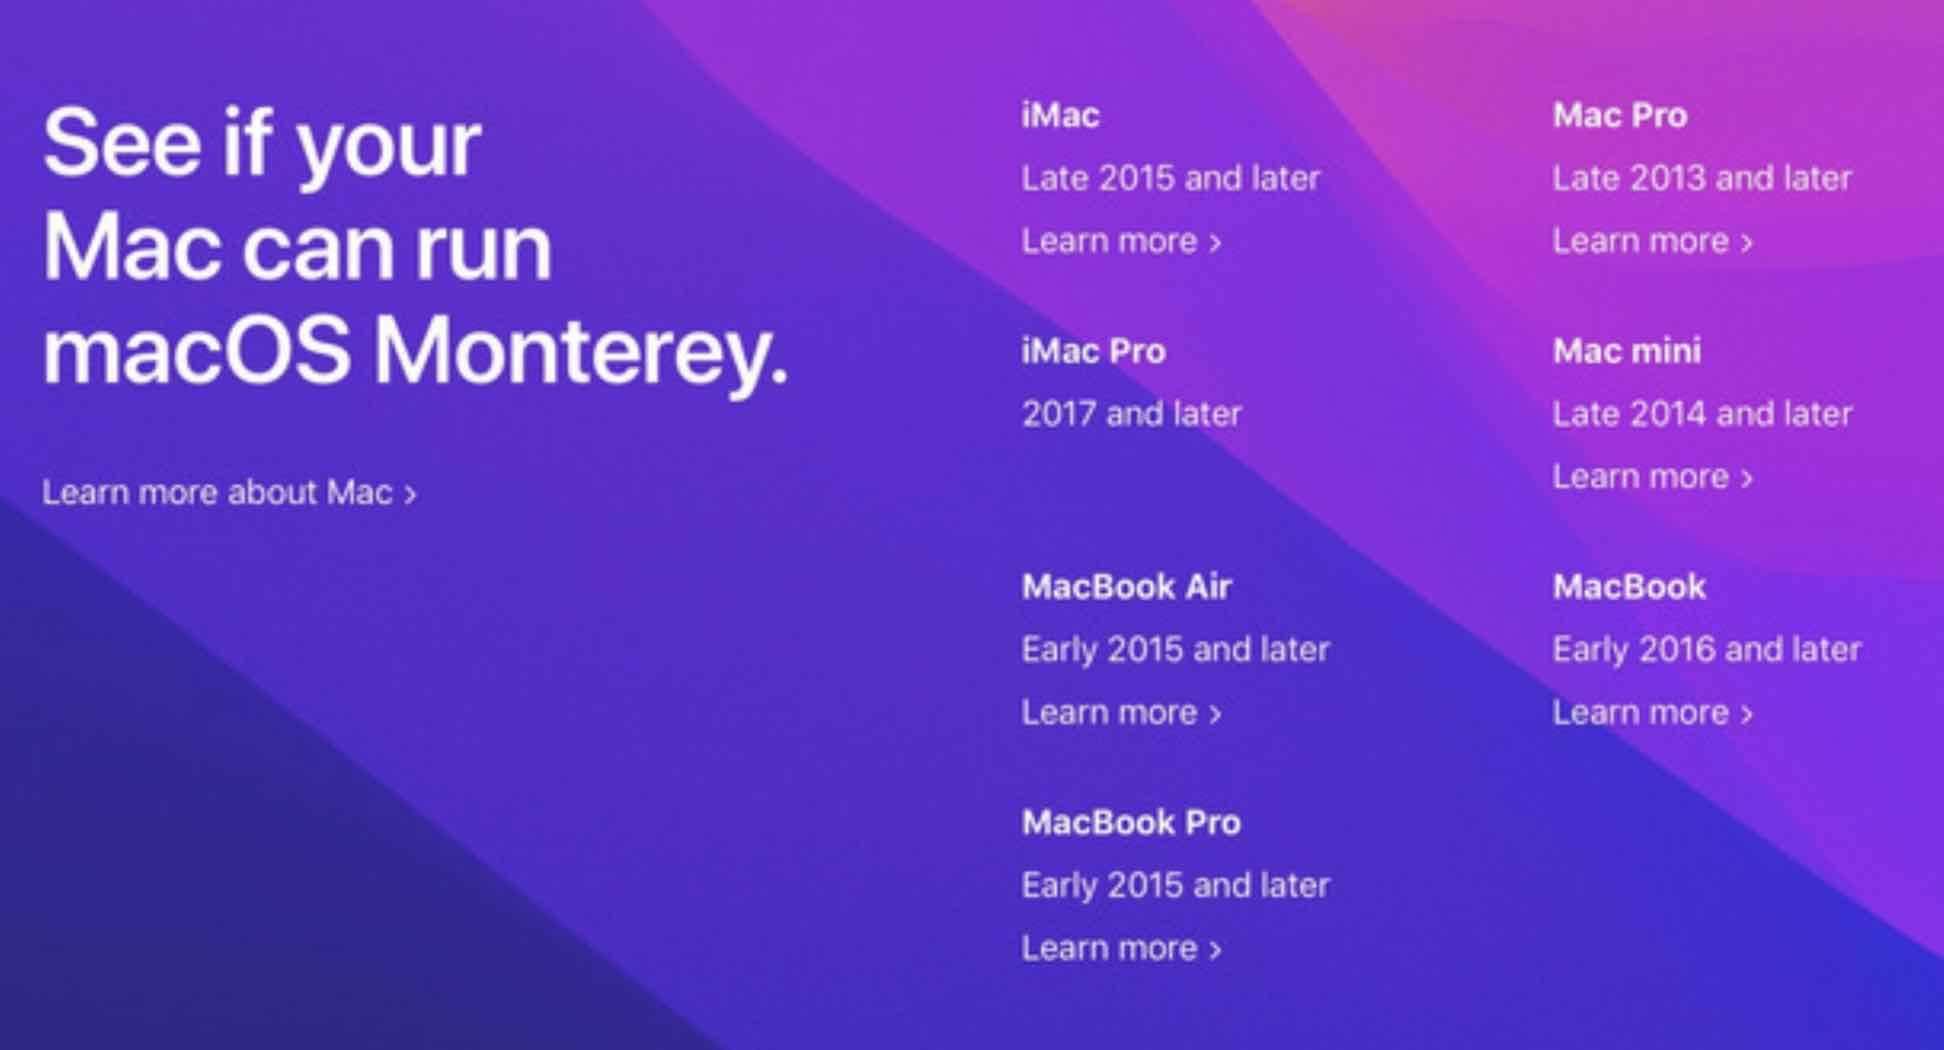 Oficjalna lista komputerów kompatybilnych z macOS 12 Monterey polecane, ciekawostki macOS Monterey, macOS 12 Monterey, lista komputerów kompatybilnych z macOS 12 Monterey, komputery  Jak zapewne wiecie wczoraj, Apple zaprezentowało światu nowy system macOS 12. O nowościach możecie przeczytać tutaj. W tym wpisie mamy dla Was listę Maków kompatybilnych z nowym systemem. moneterey